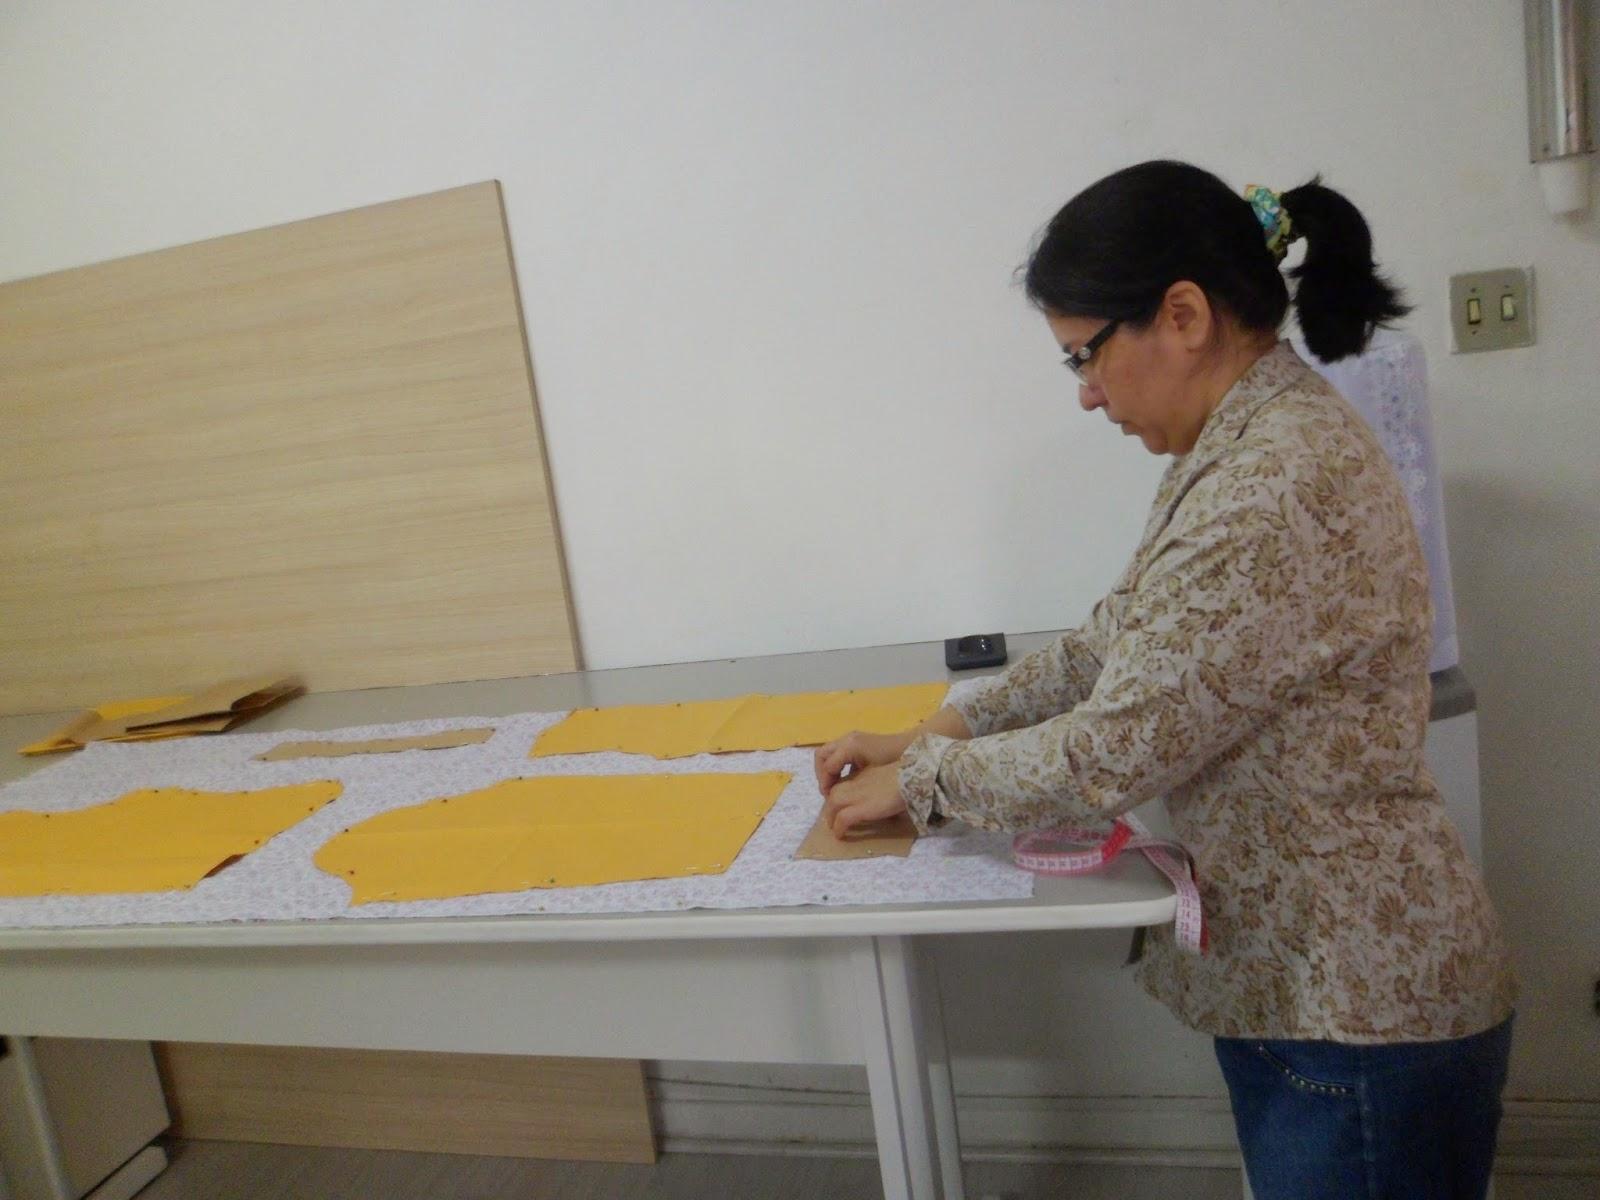 Escola de costura